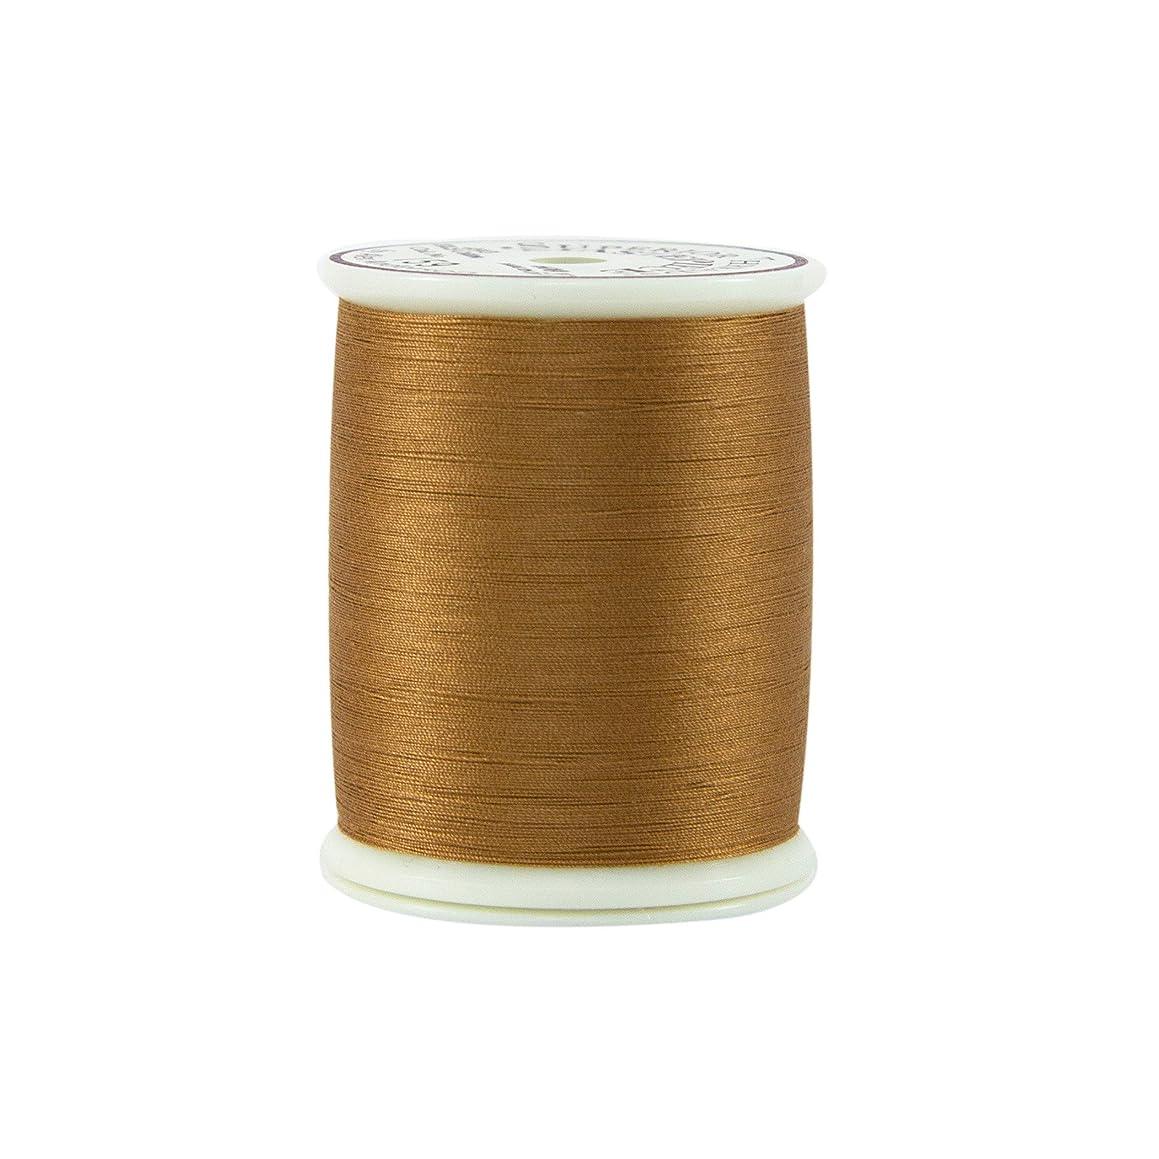 Superior Threads 12401-159 Masterpiece Paint Brush 50W Cotton Thread, 600 yd i19480692445